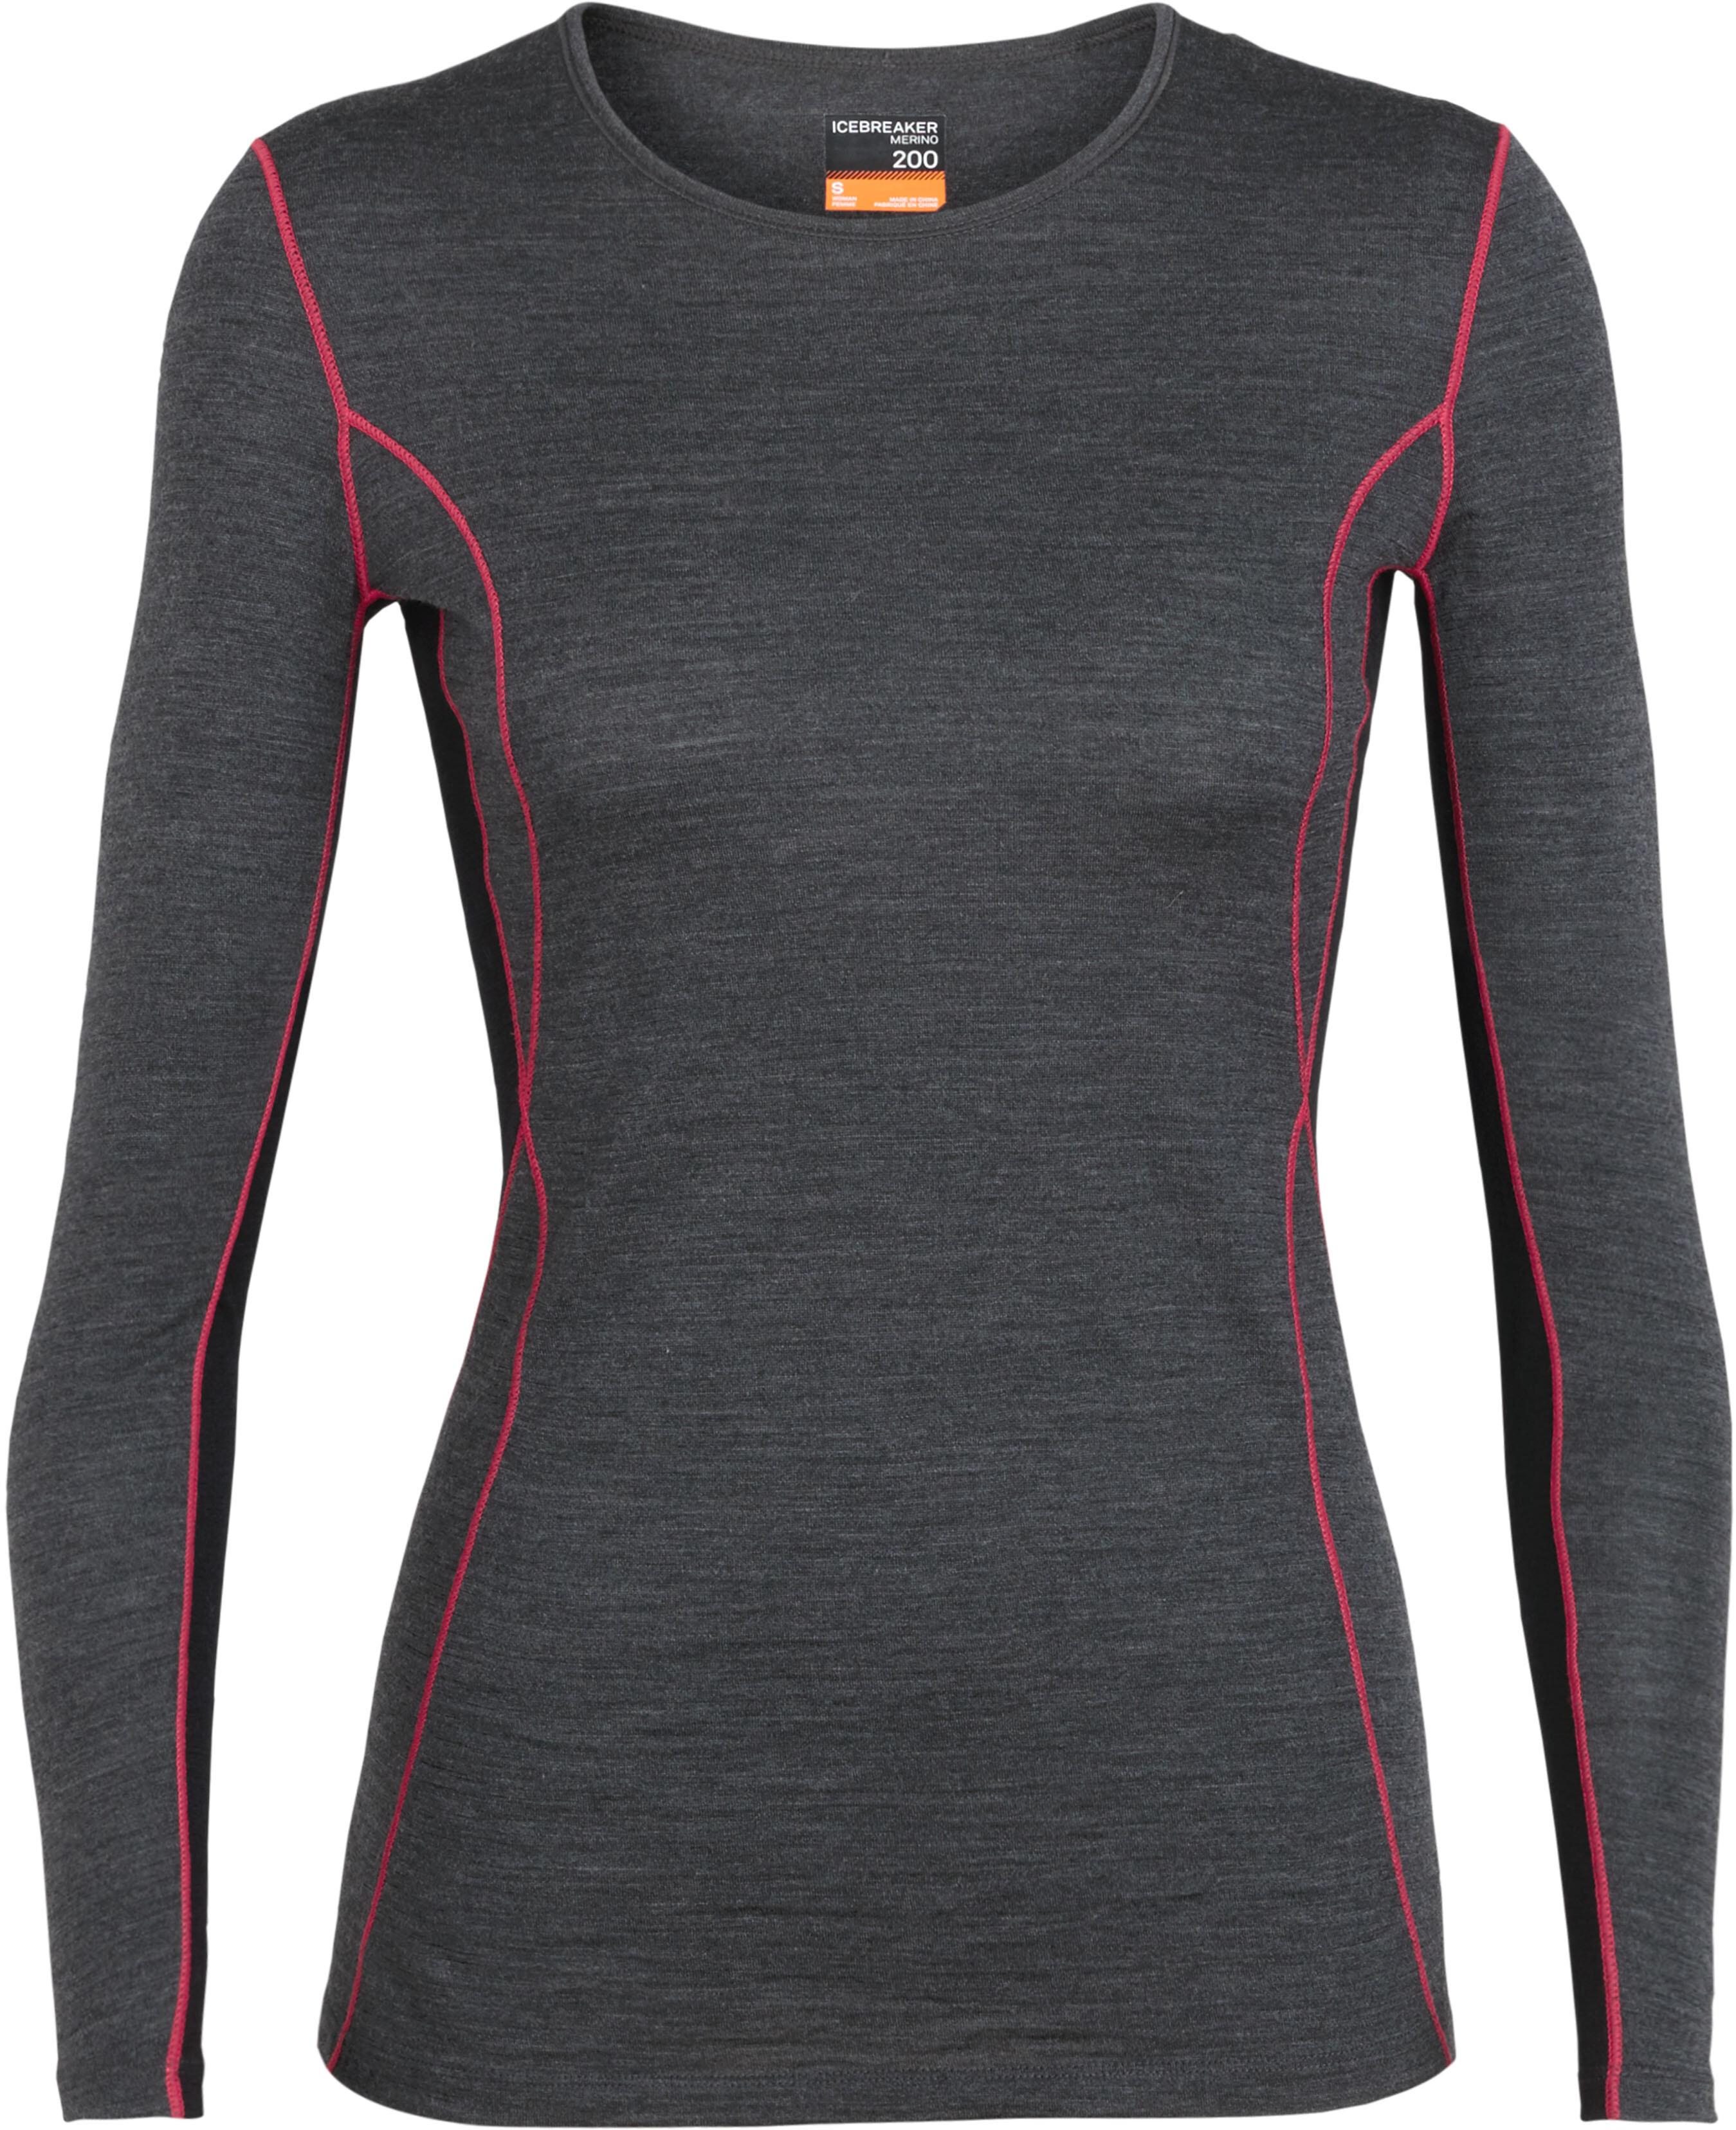 b0fcb8db02ee Icebreaker 200 Oasis Deluxe - Sous-vêtement Femme - gris rose sur ...